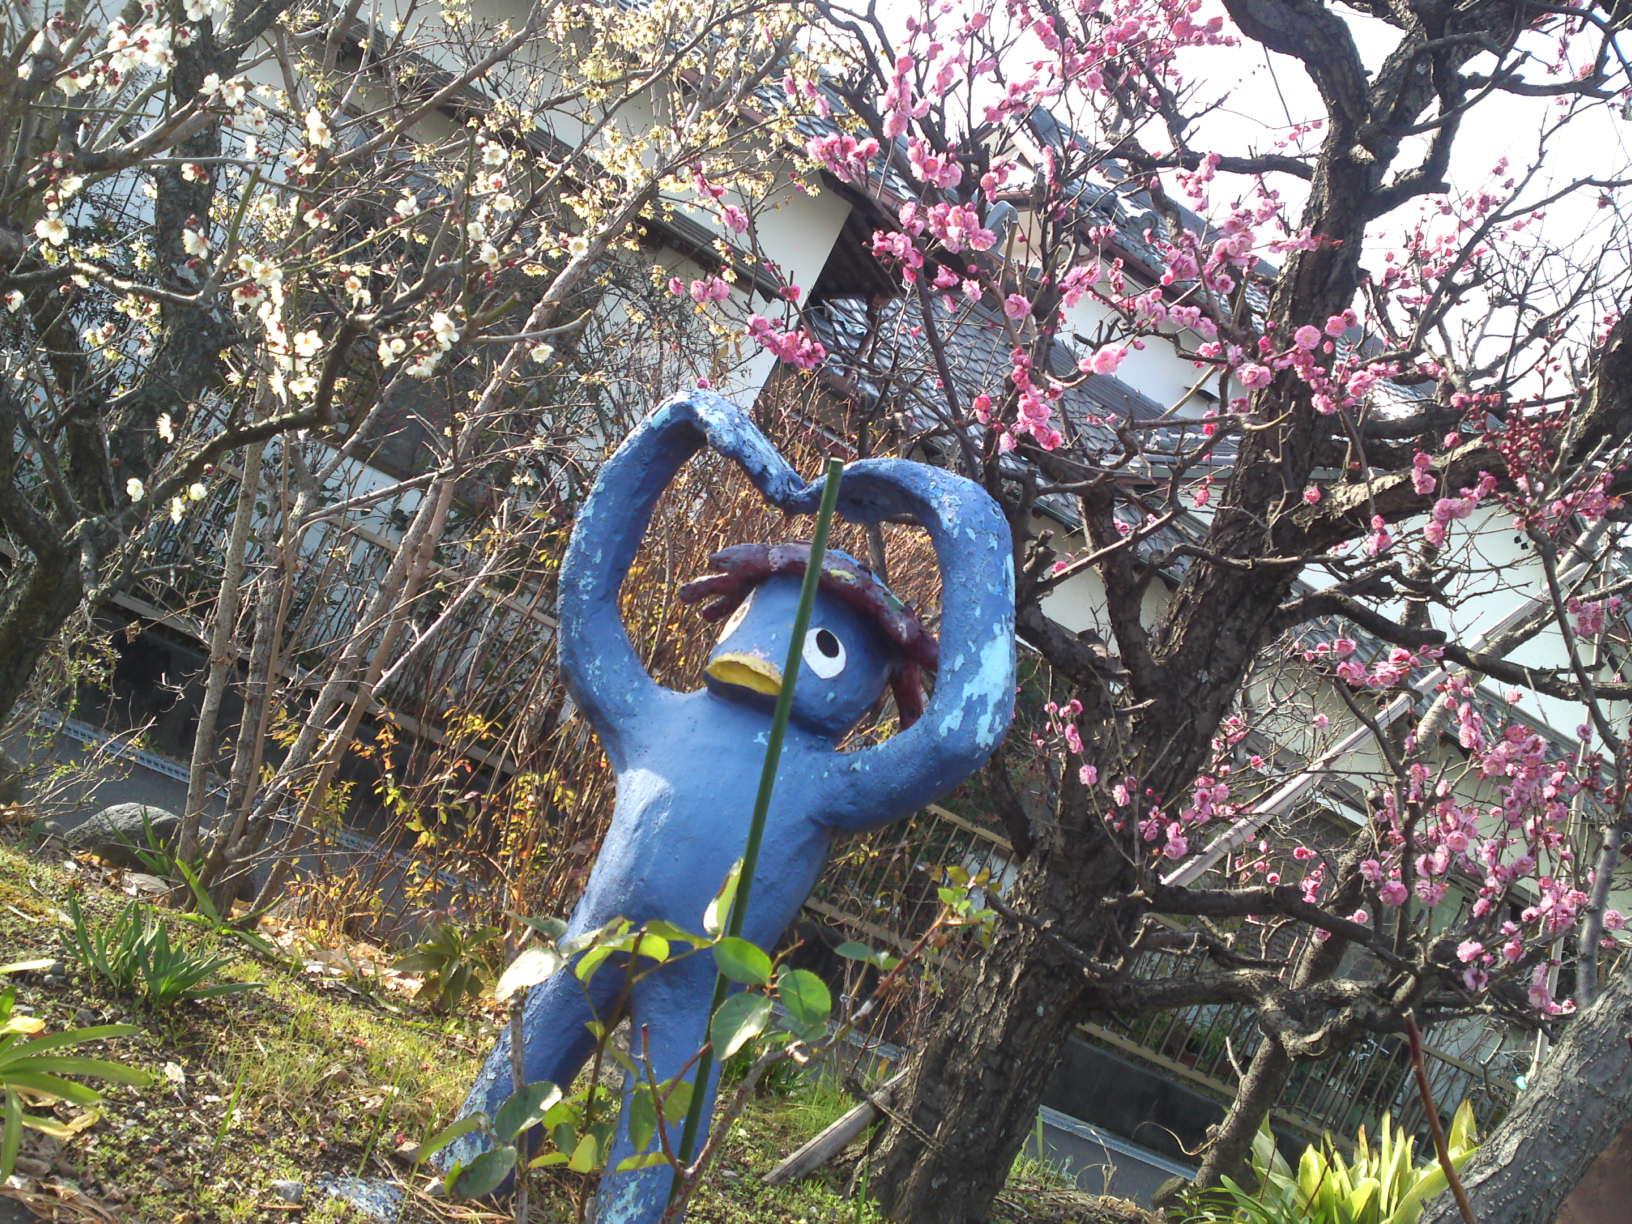 Collection de Kappa au Musée de Kappa de Tach-chan's dans la Ville de Yaizu sous les pruniers